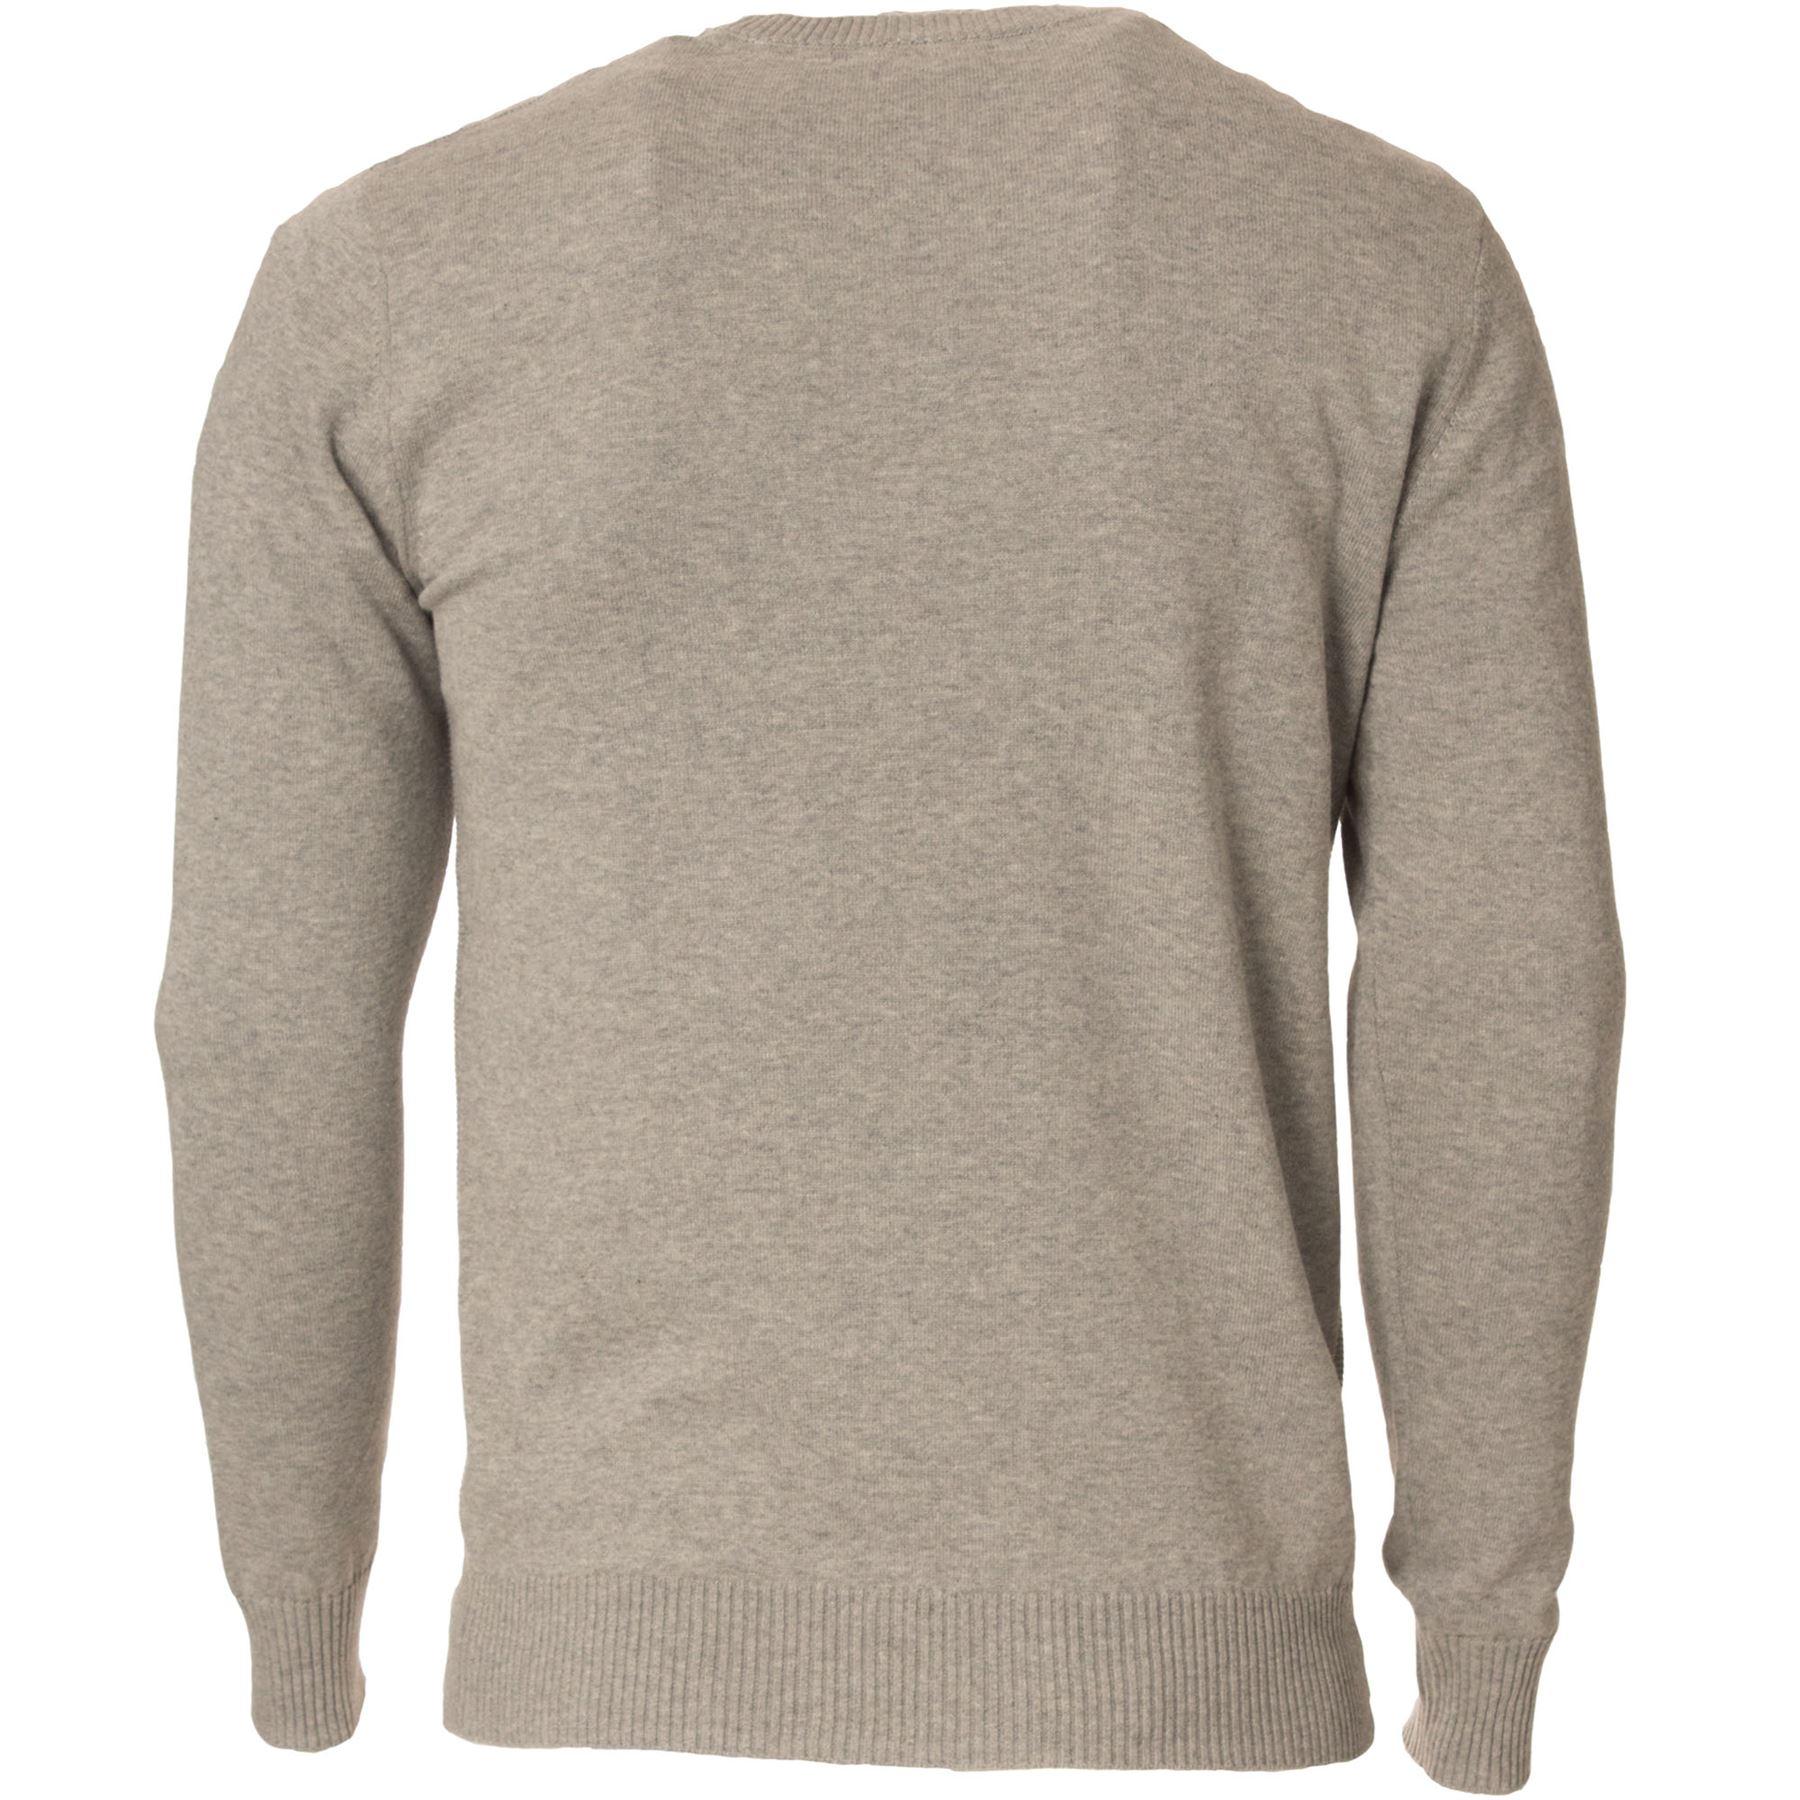 Eto-Para-Hombre-Disenador-Polo-Knitted-Jumper-cuello-redondo-generos-de-punto-manga-larga-Sueter miniatura 11